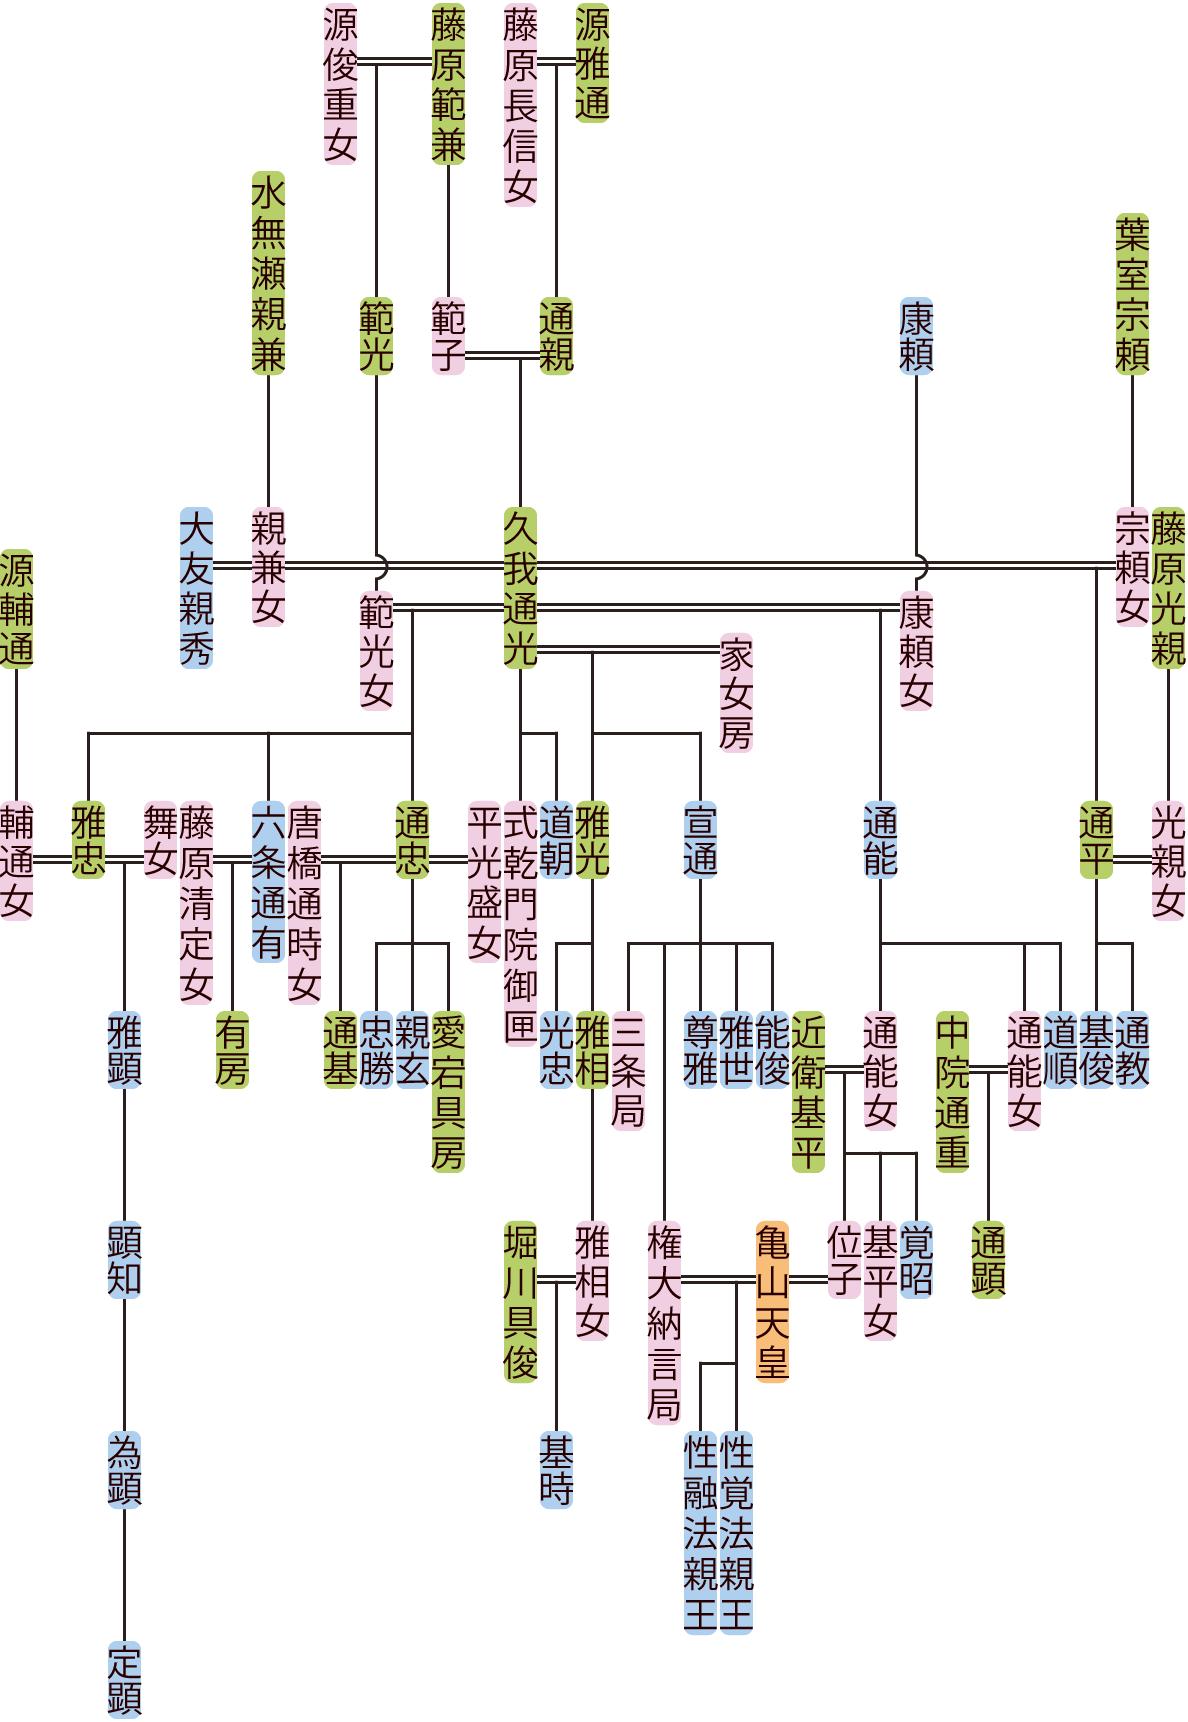 久我通光の系図